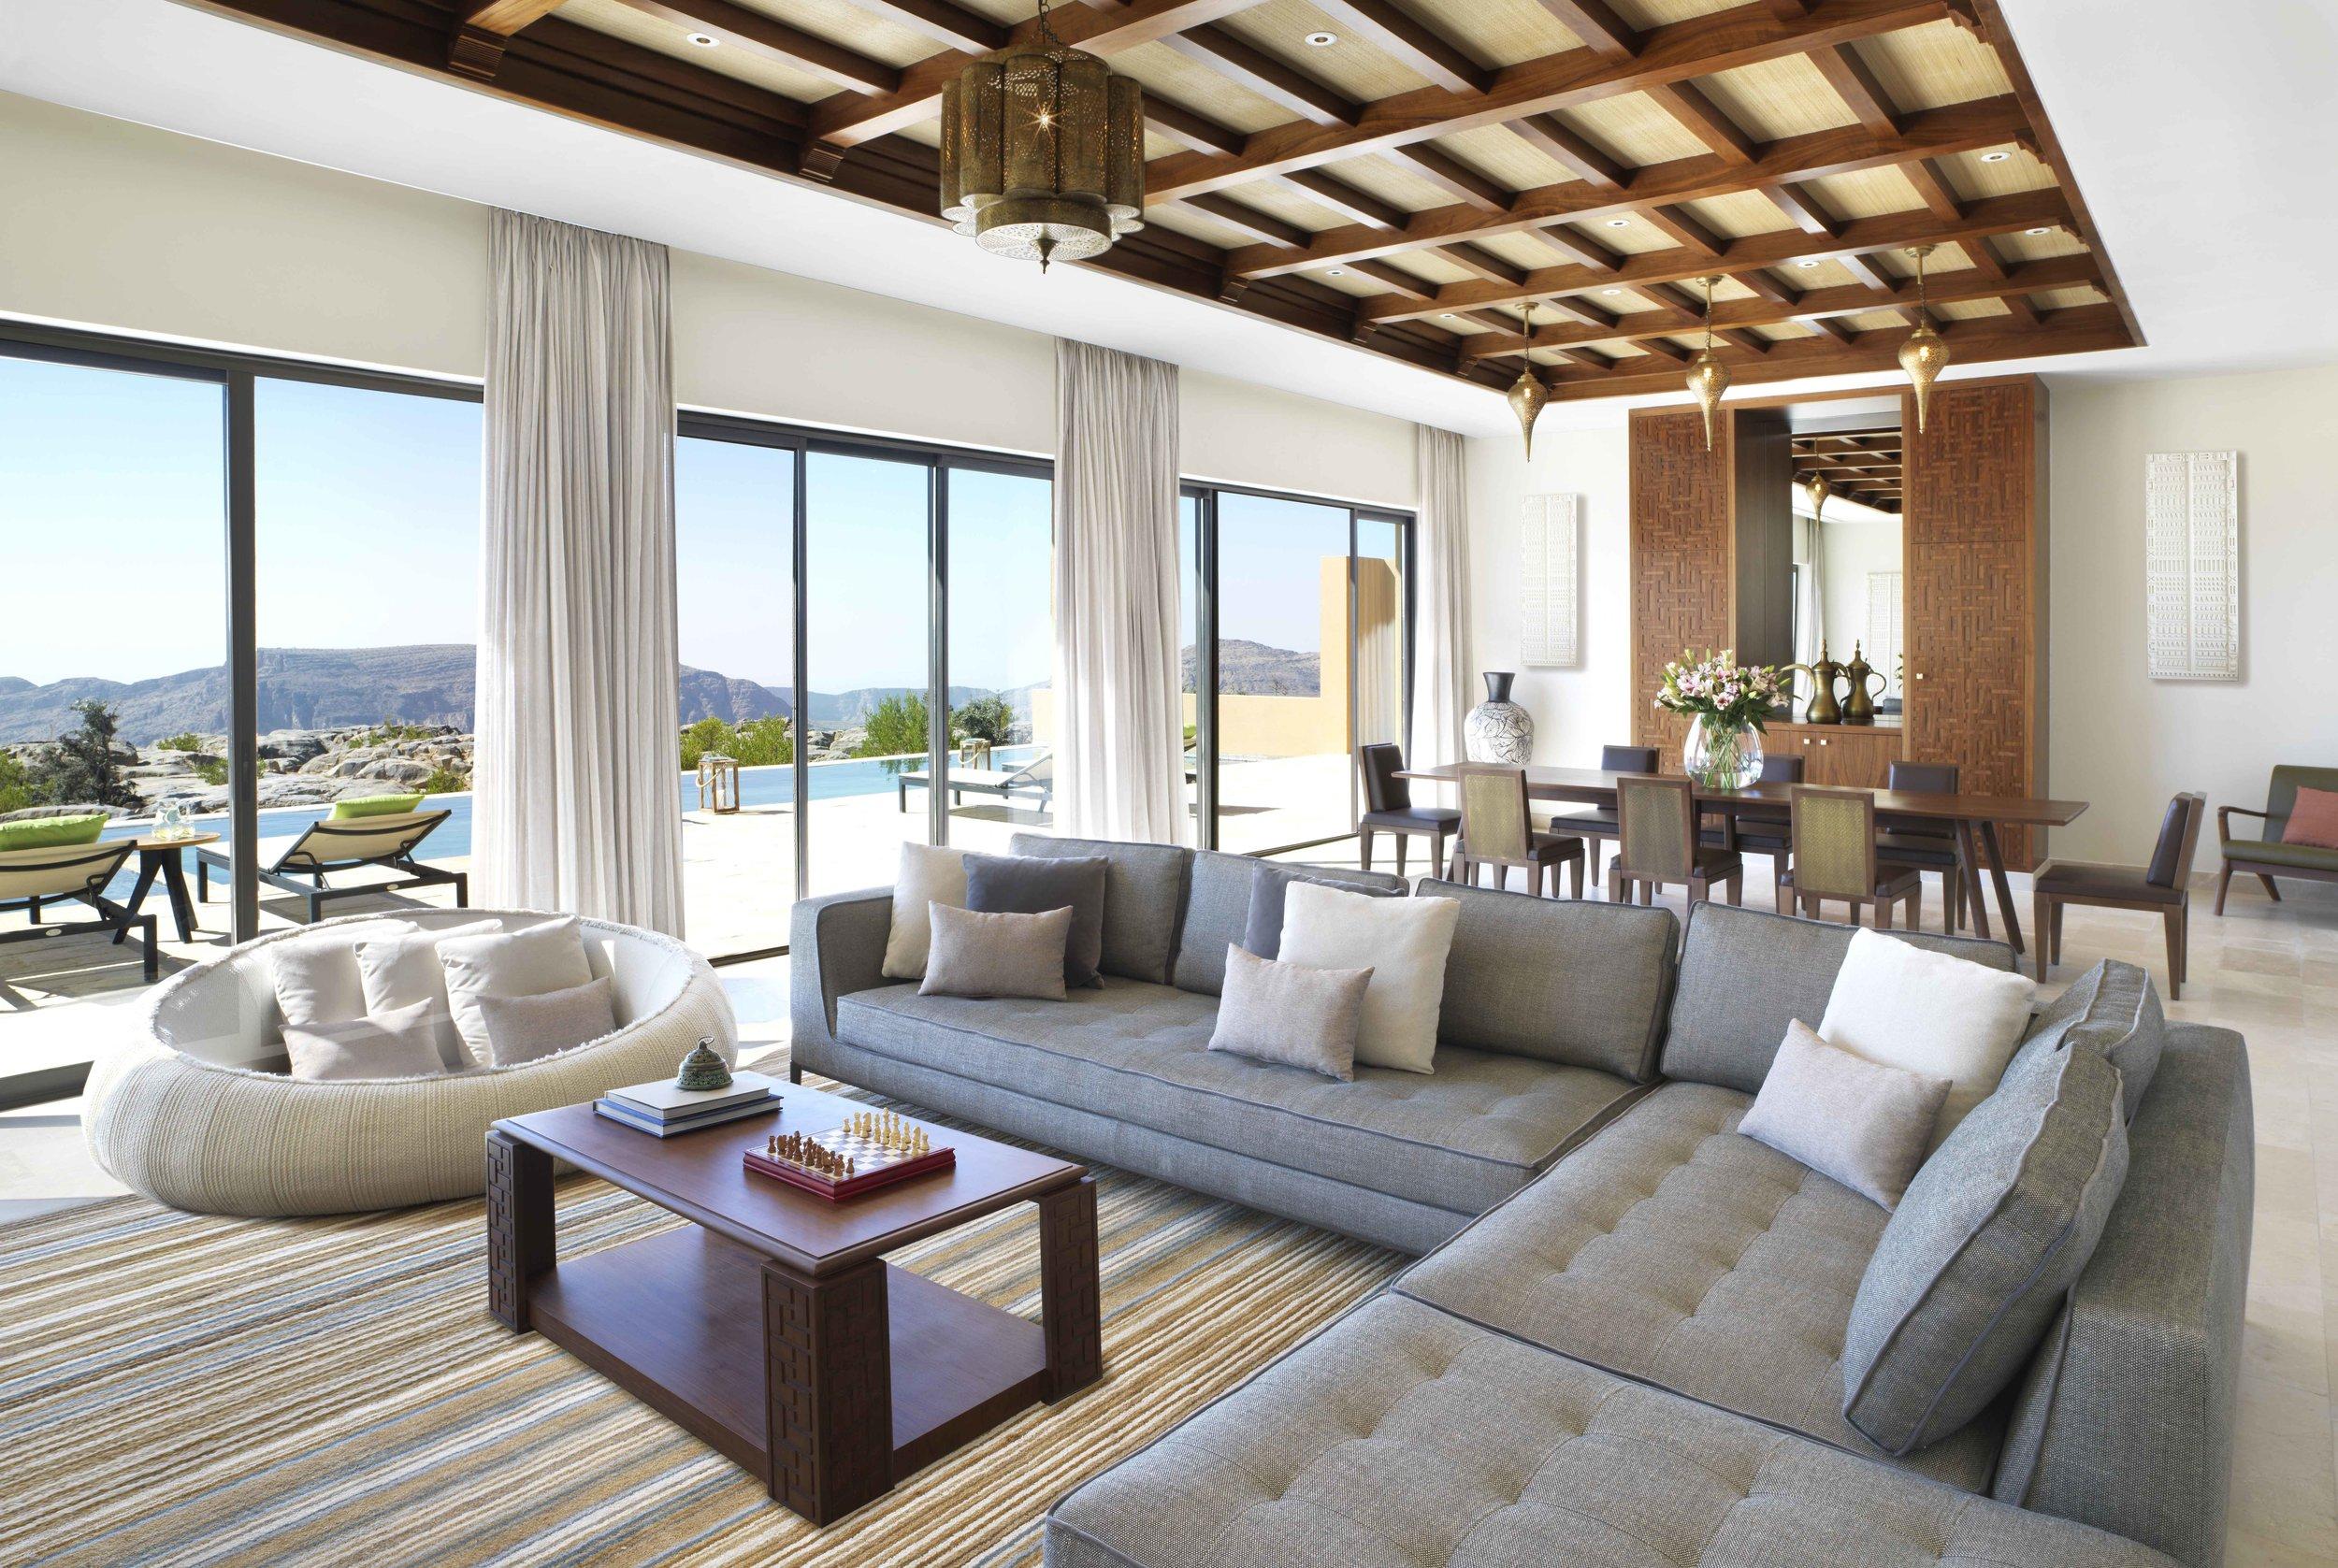 Anantara Al Jabal Al Akhdar Resort - Royal Mountain Villa Interior.jpg